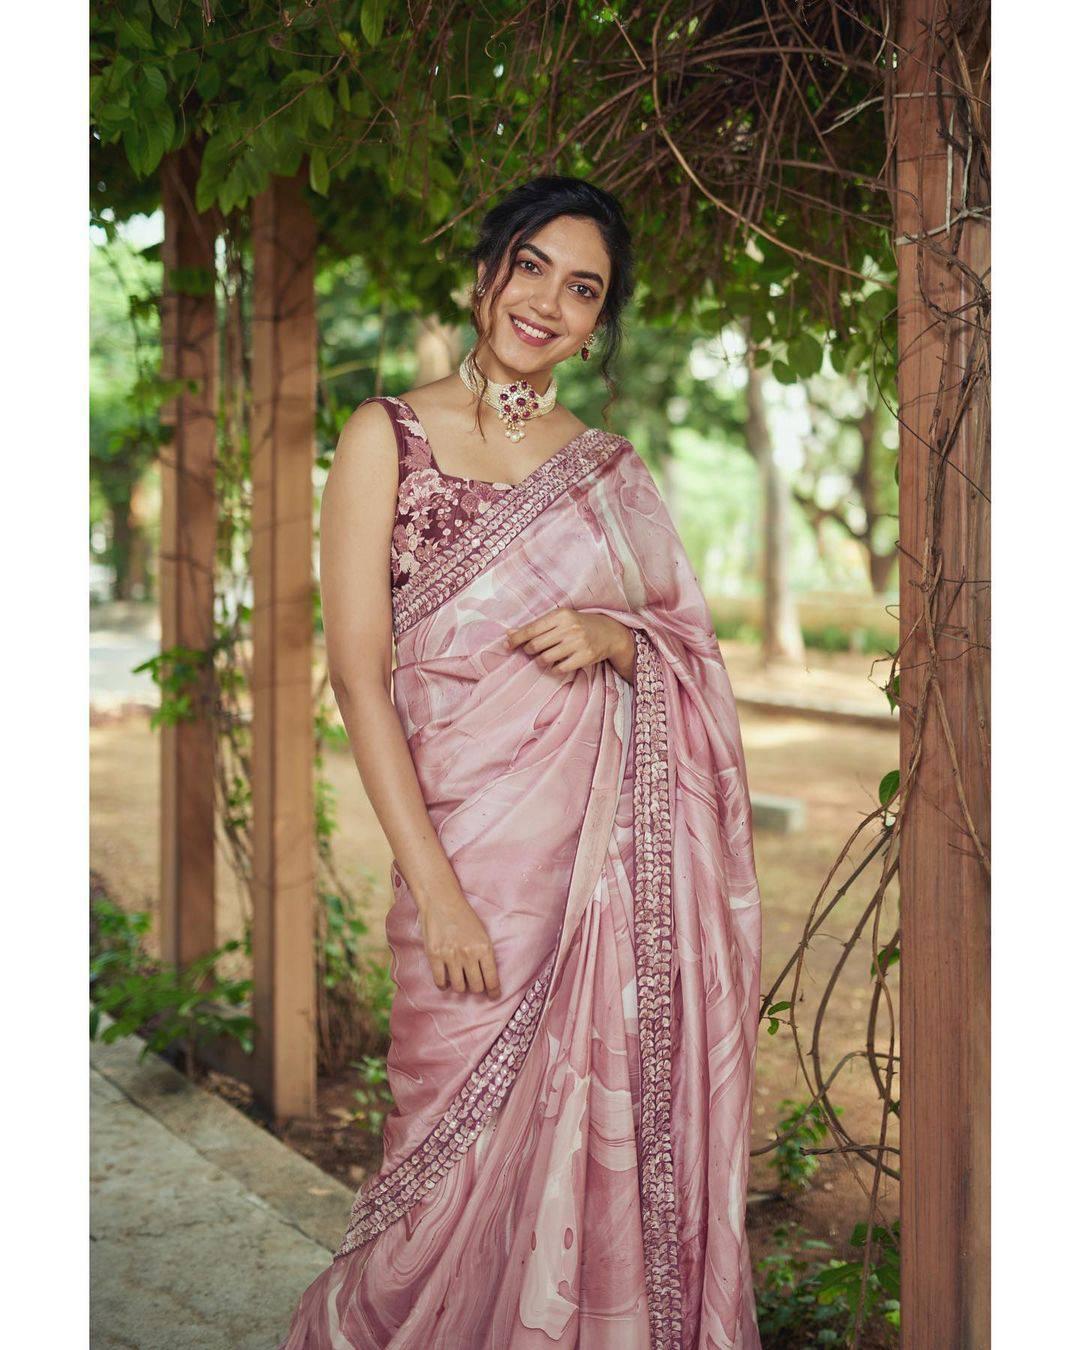 Ritu Varma: క్యారెక్టర్ ఆర్టిస్ట్ నుంచి హీరోయిన్ గా మారిన టాలెంటెడ్ యాక్ట్రెస్ హోమ్లి బ్యూటీ రీతూ(ఫొటోస్ )